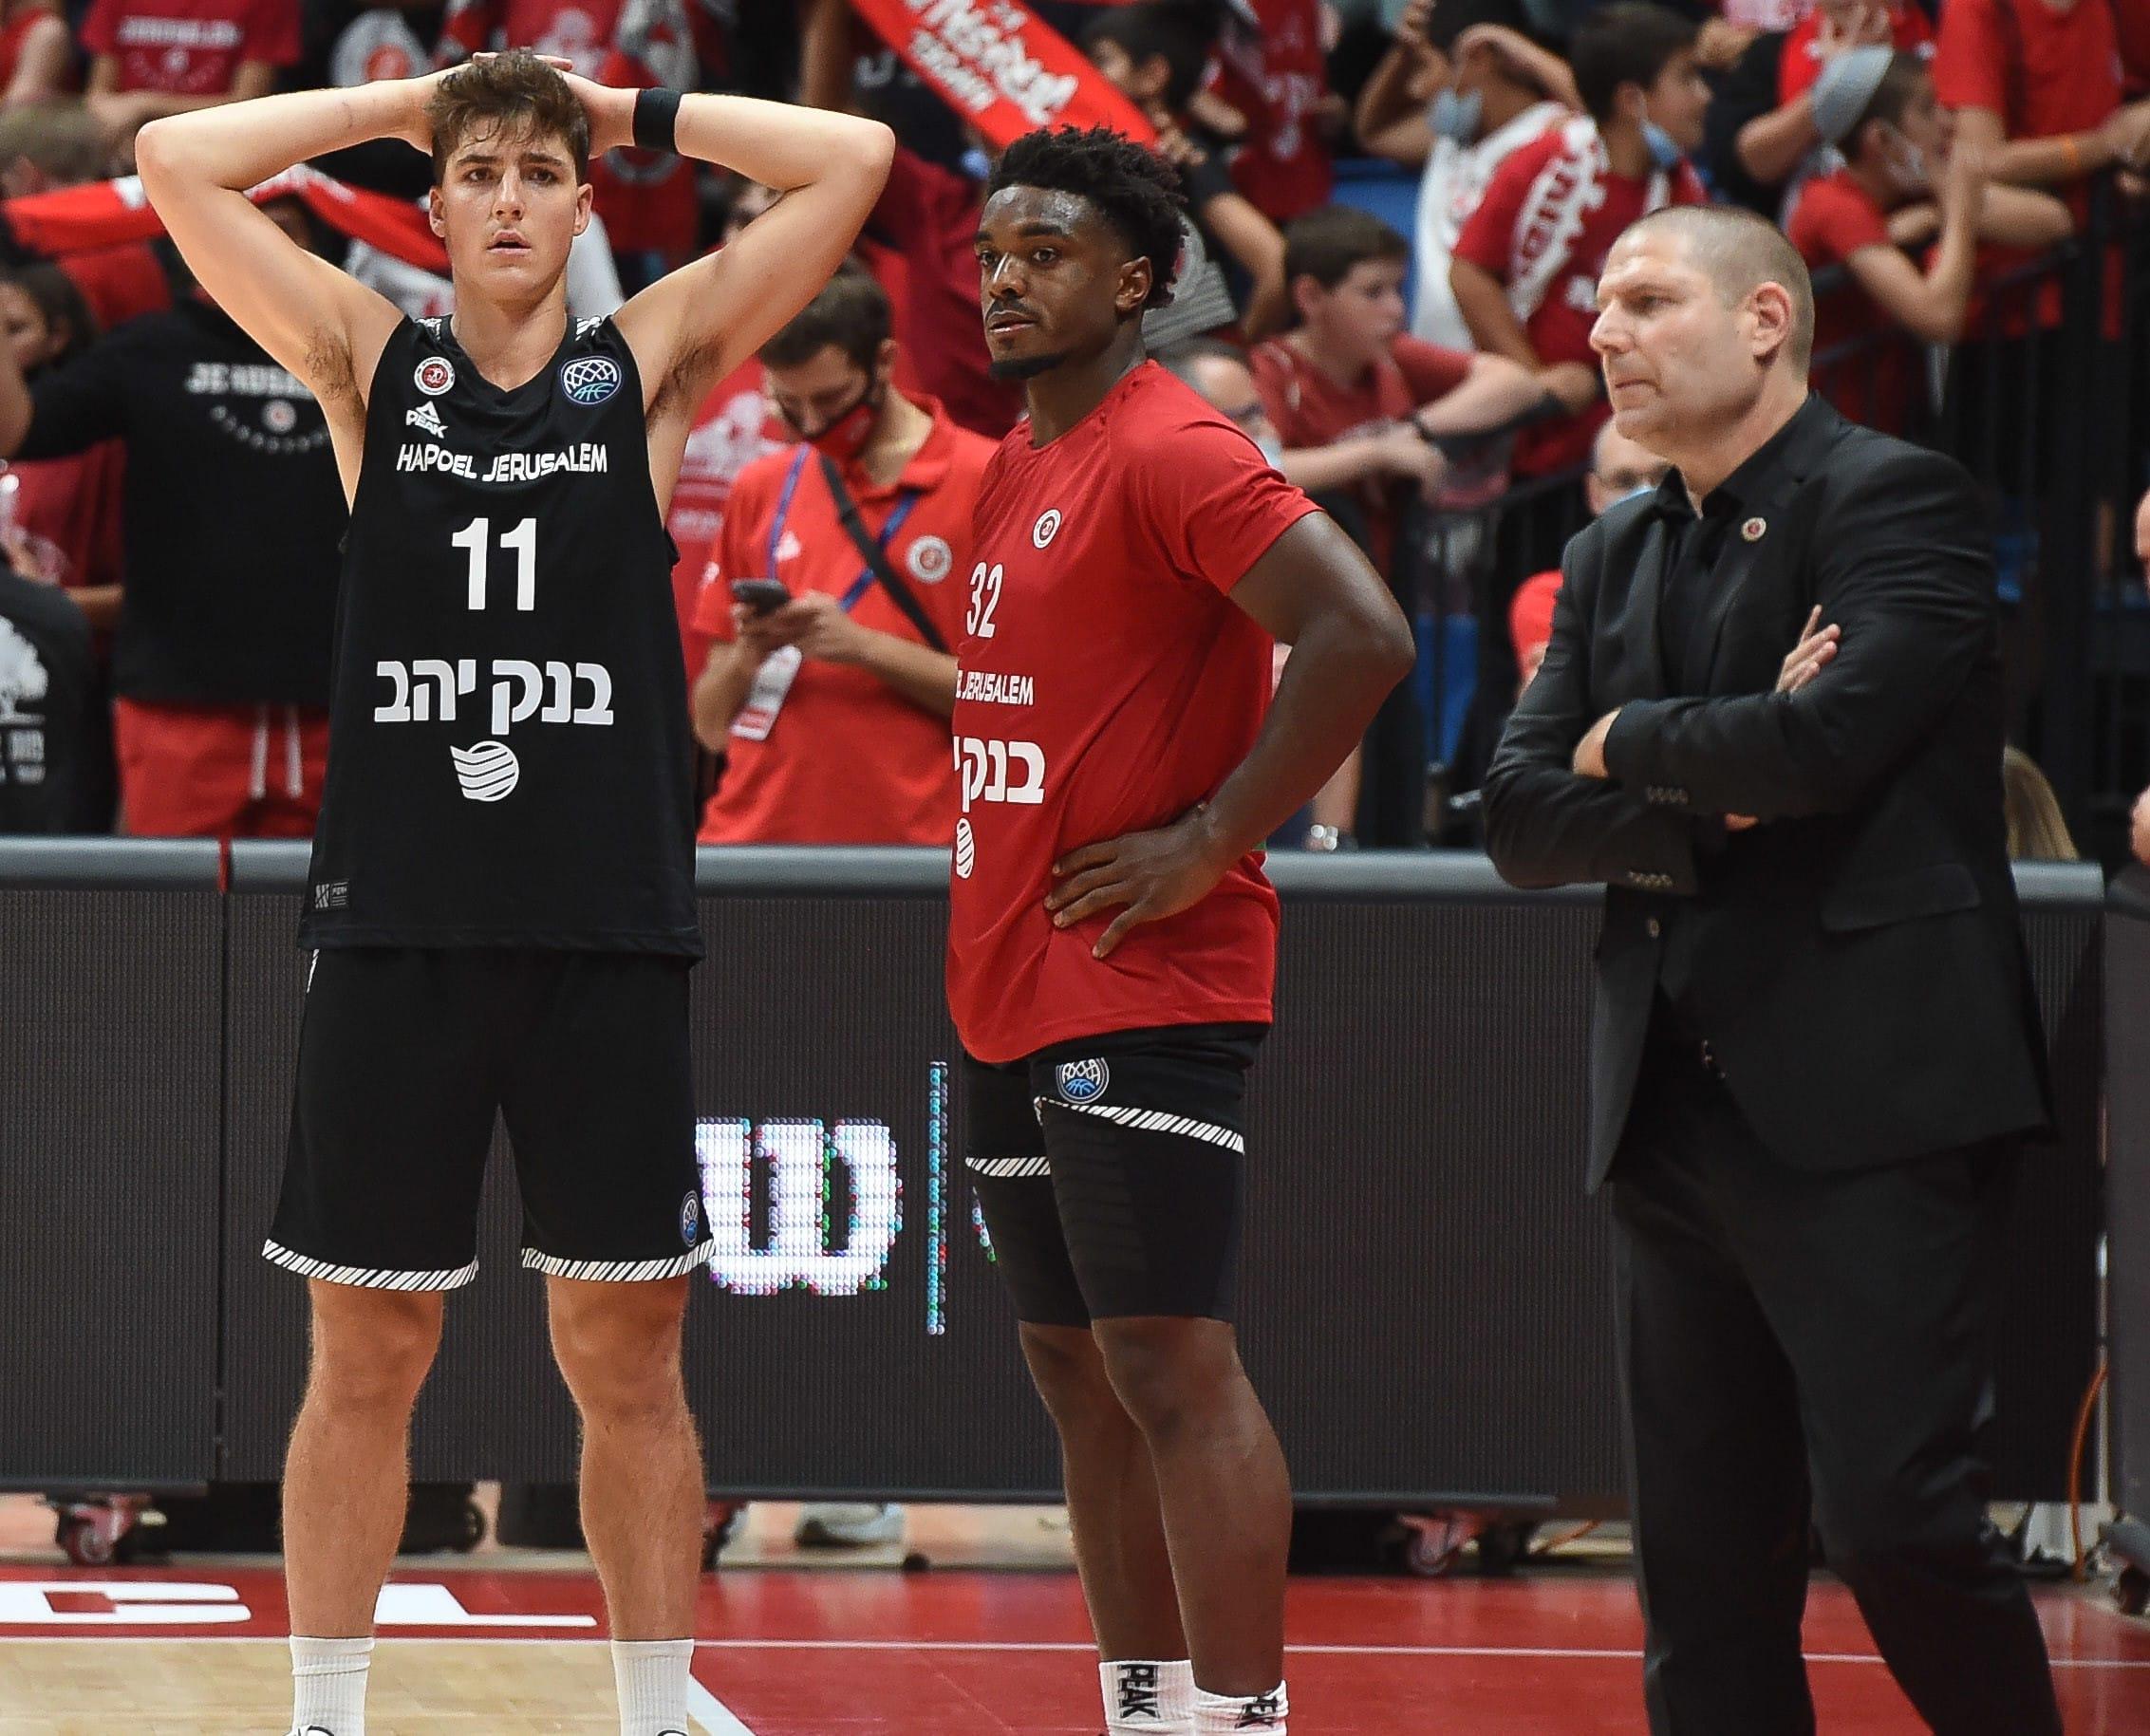 אורן עמיאל מאמן הפועל ירושלים לצד רטין אובאסוהן, אדם אריאל